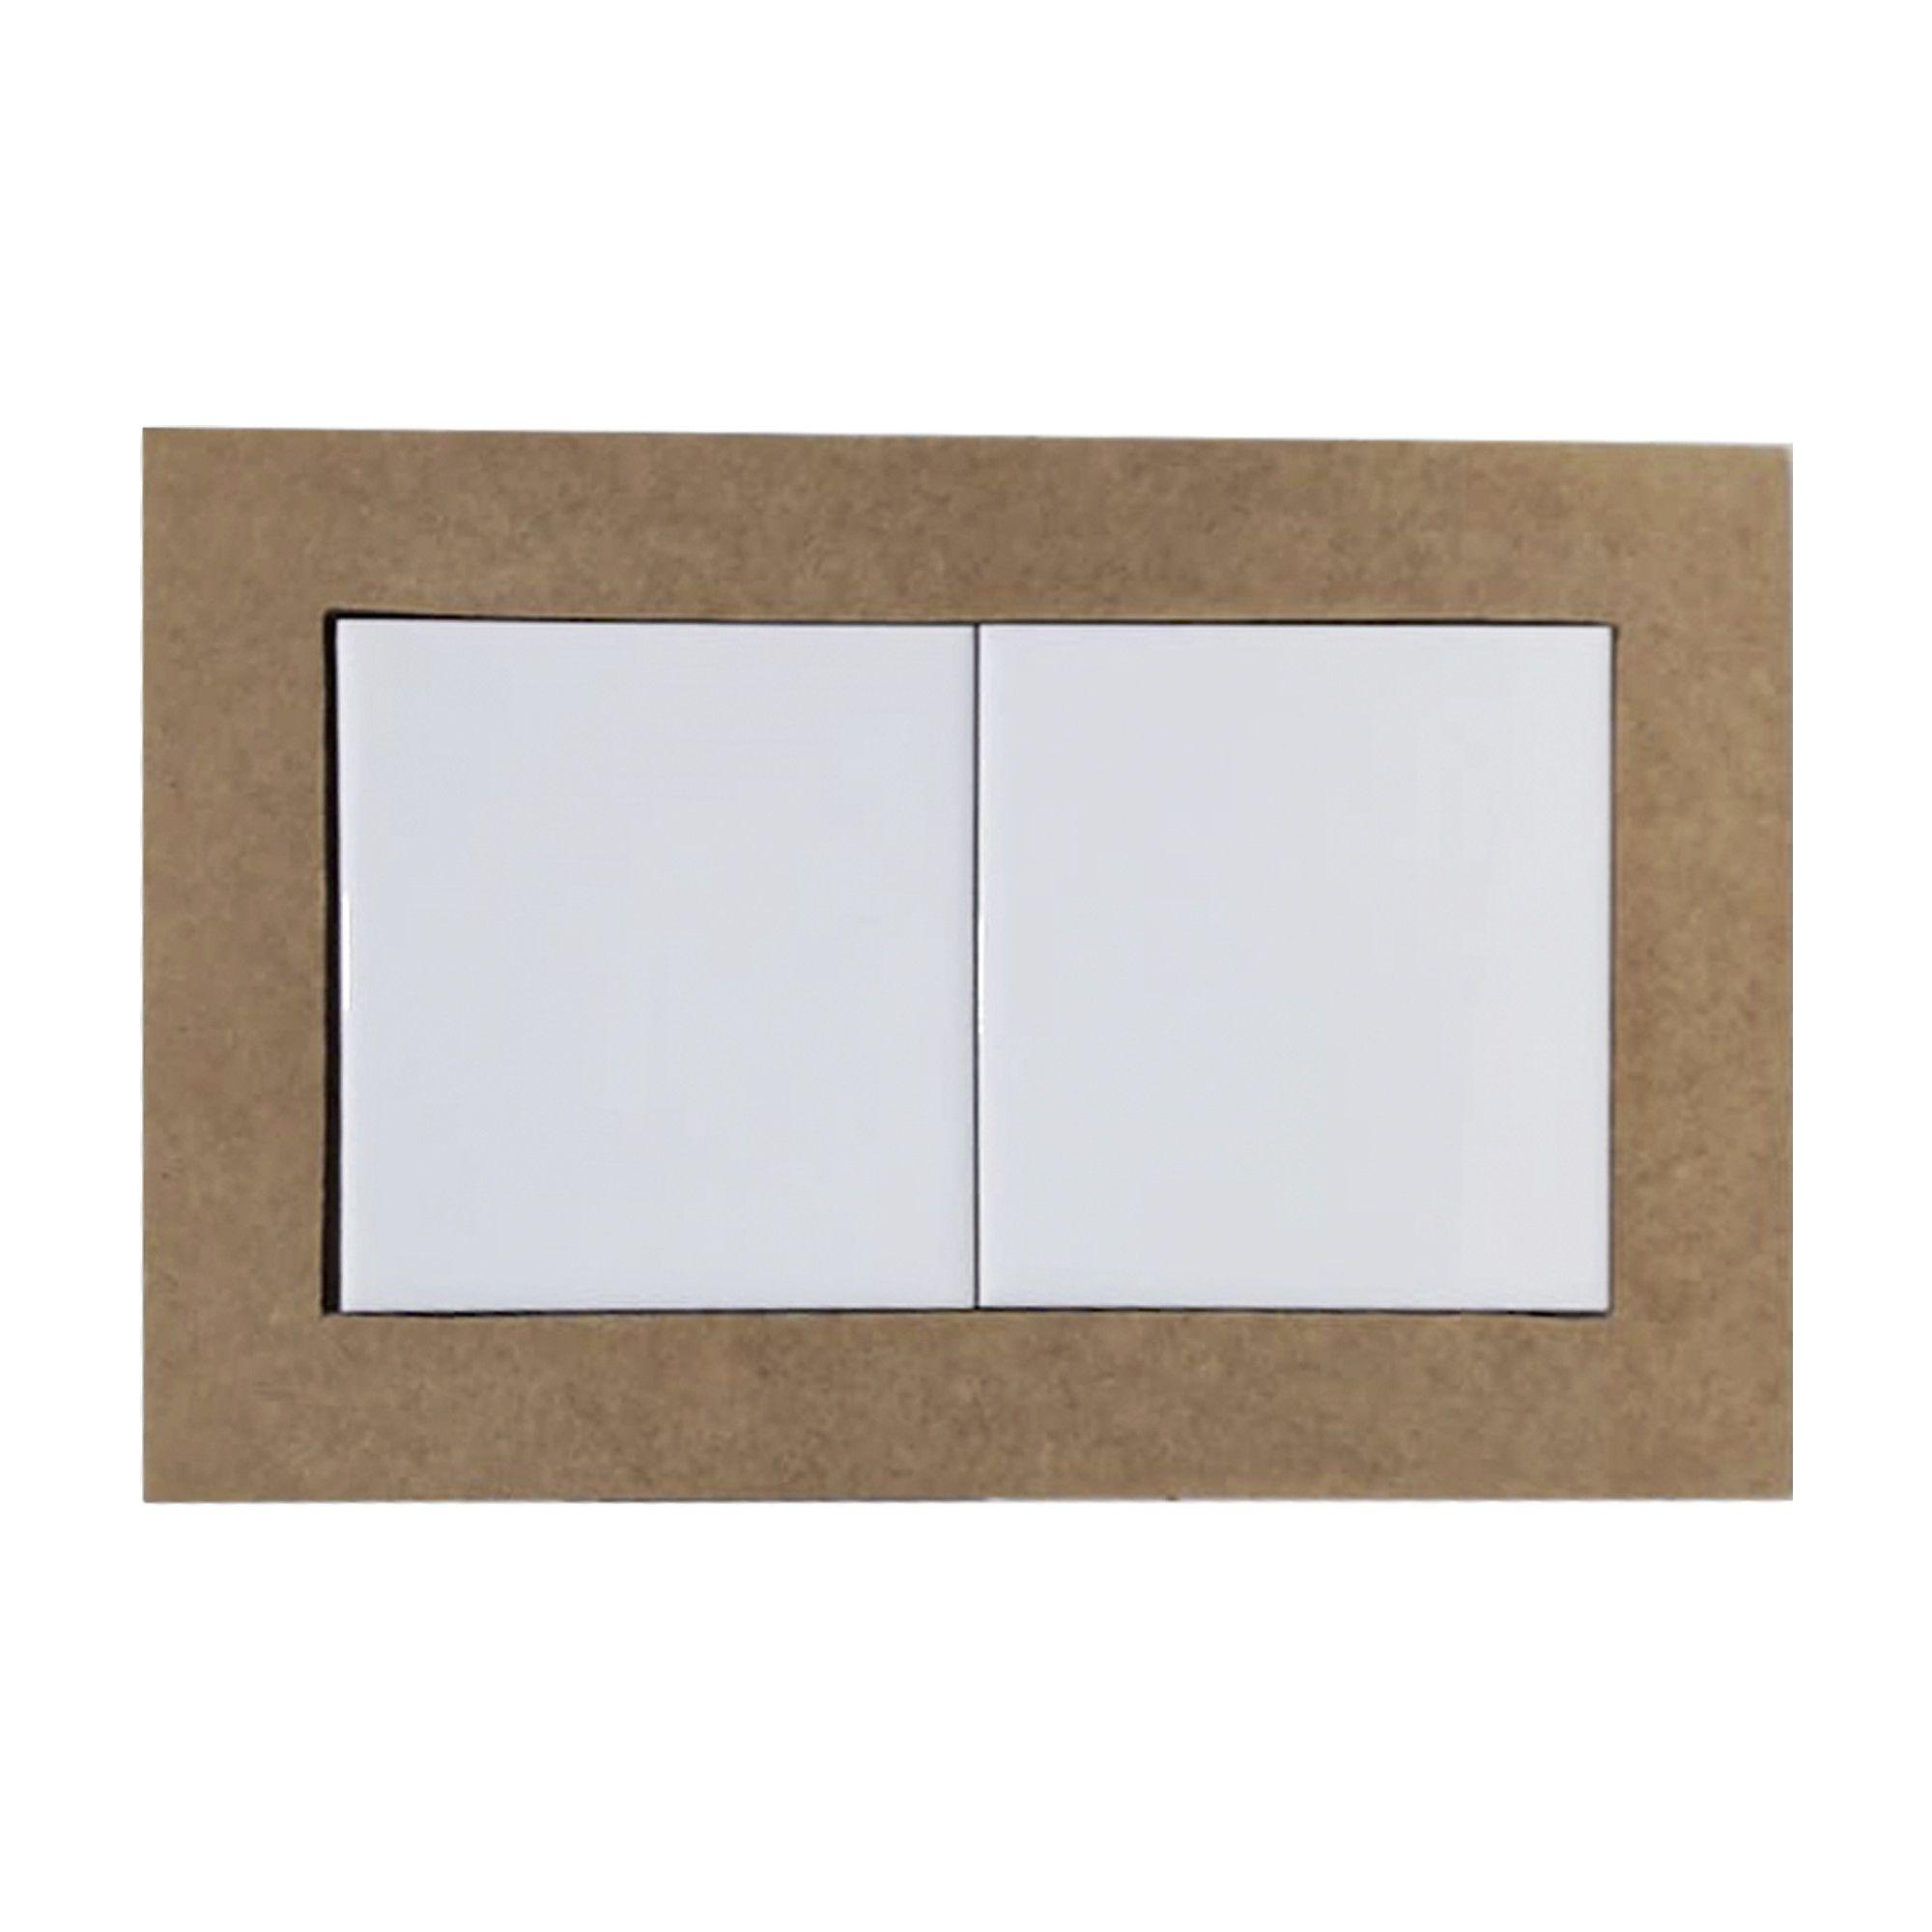 Moldura com 2 azulejos - 10*10cm